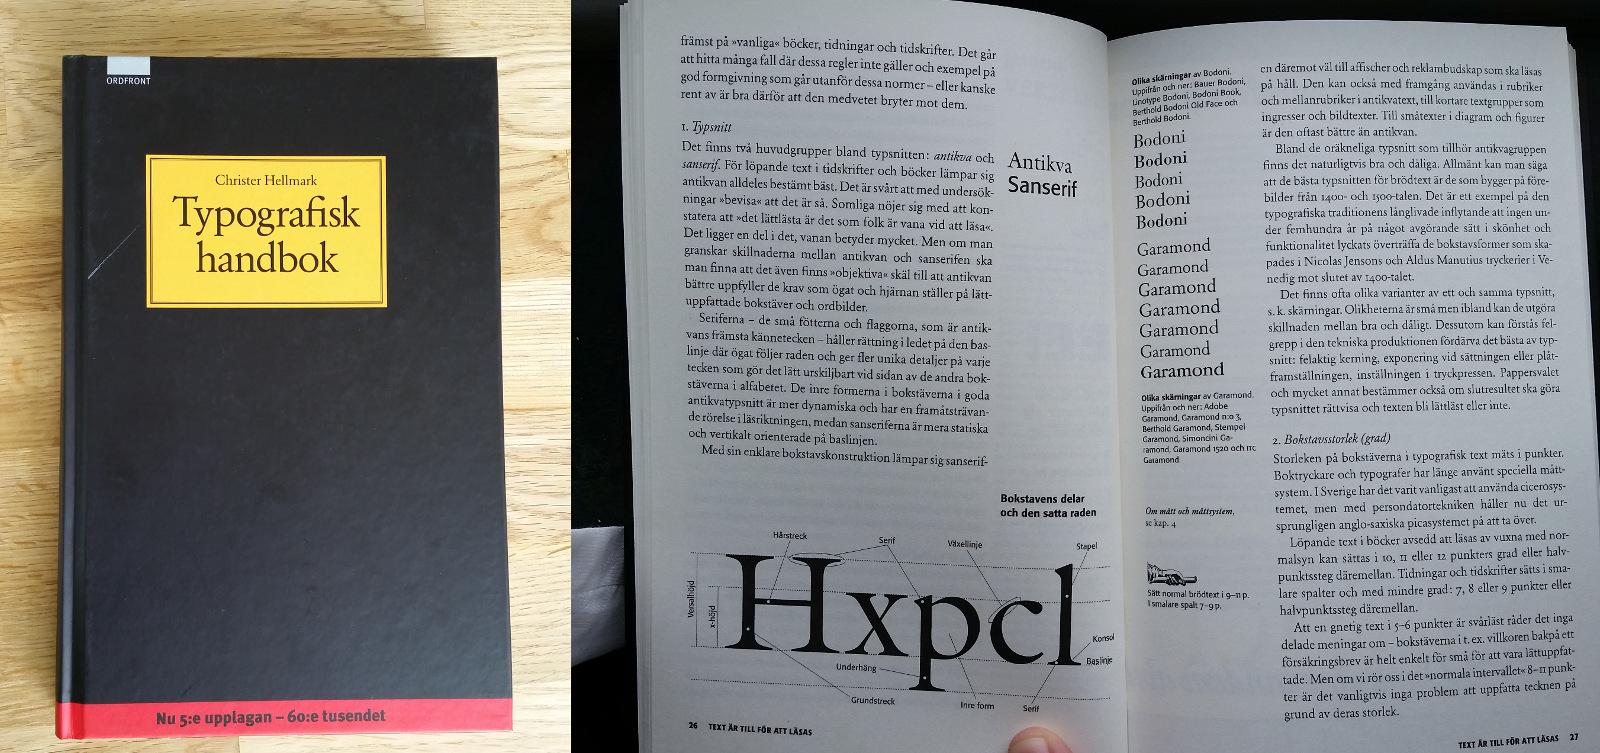 http://www.pererikstrandberg.se/blog/typografisk-handbok.jpg